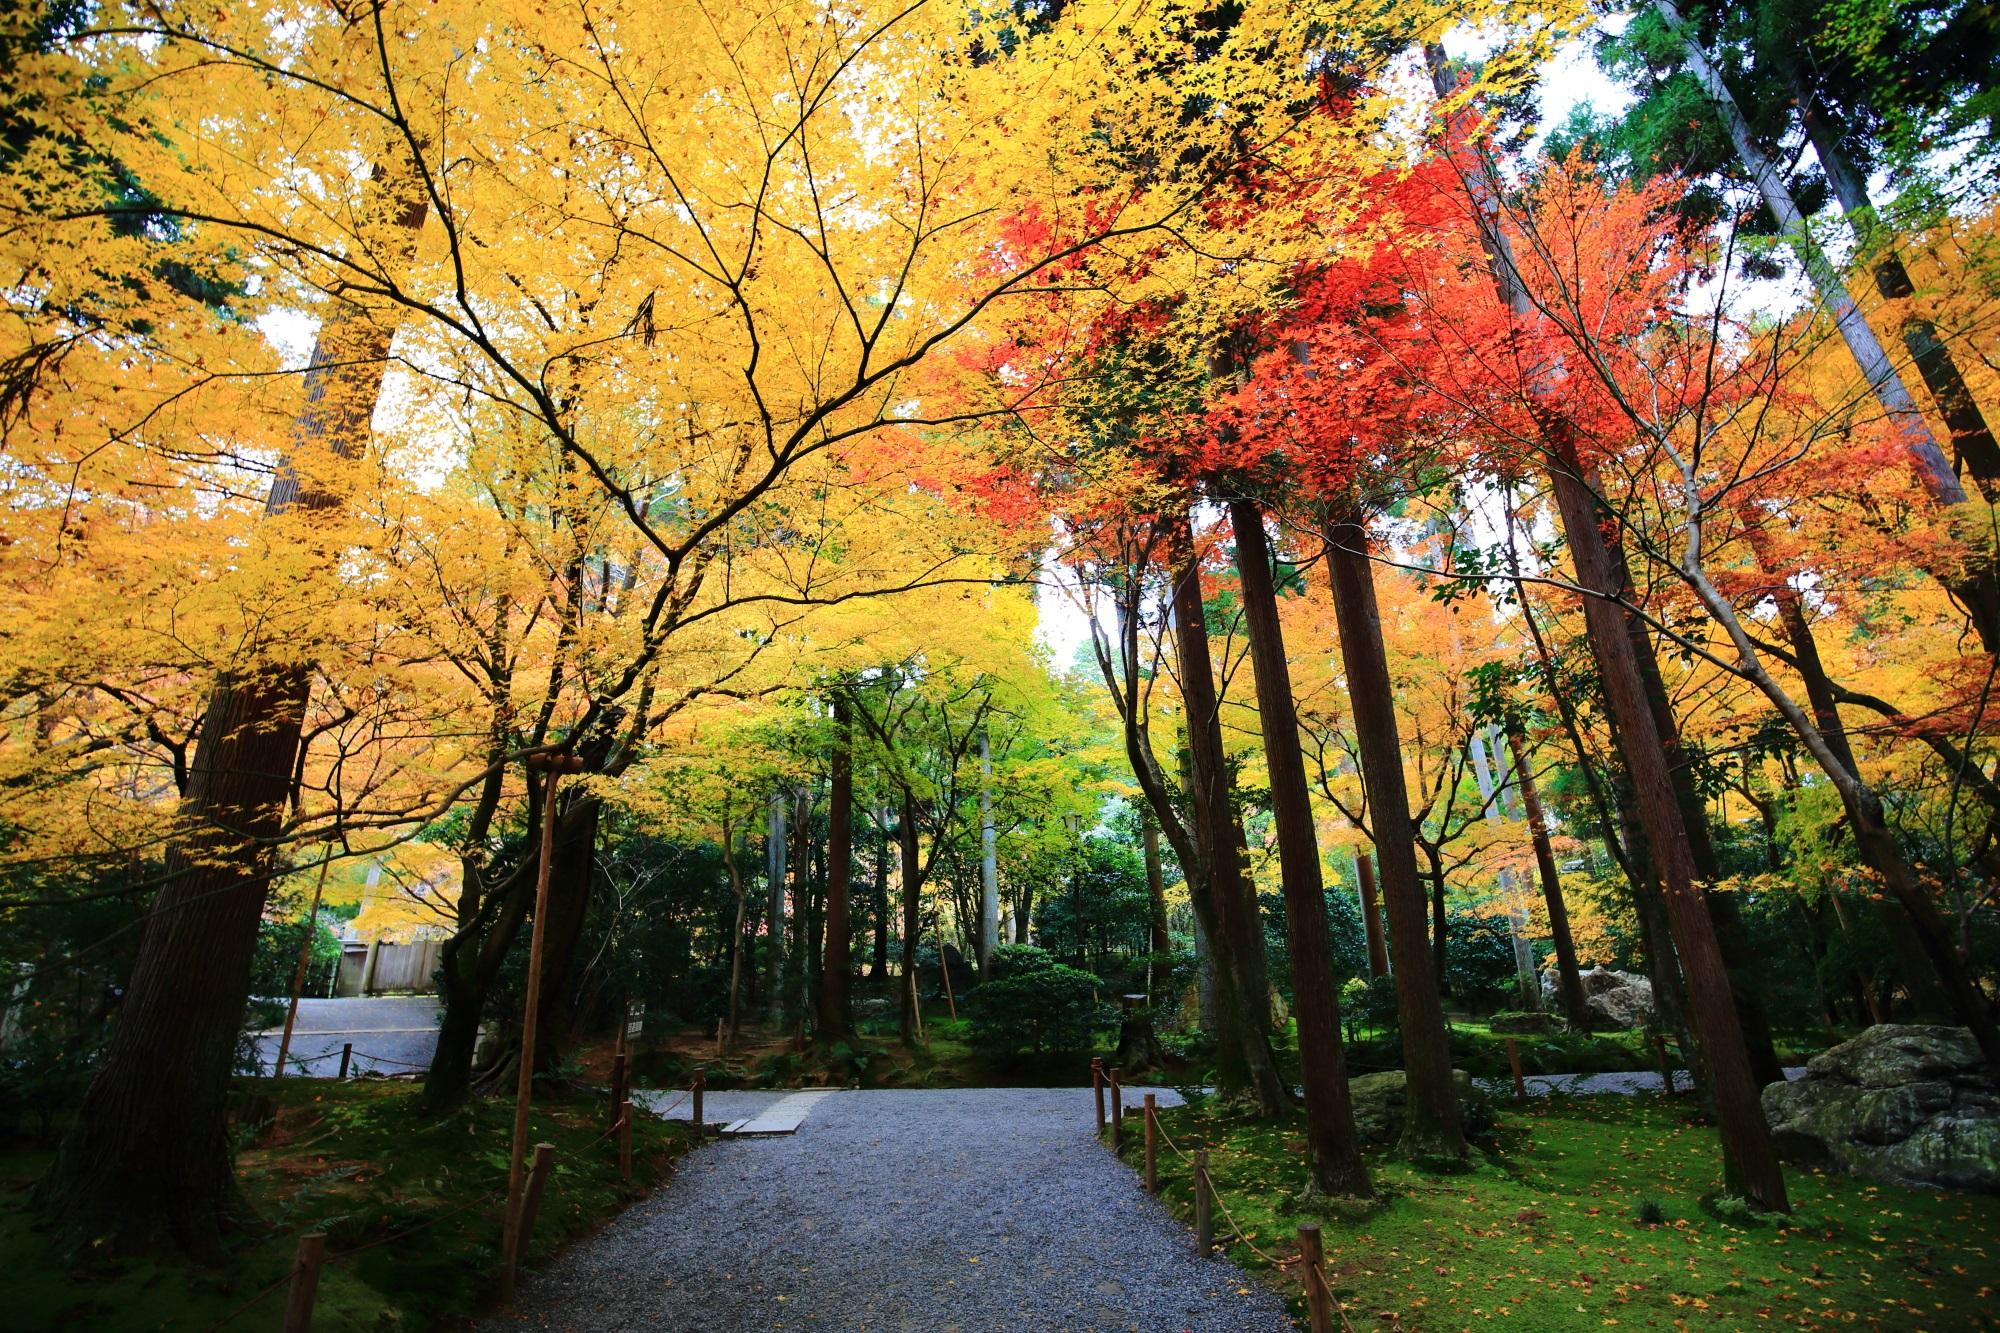 色とりどりの紅葉につつまれた龍安寺の参道